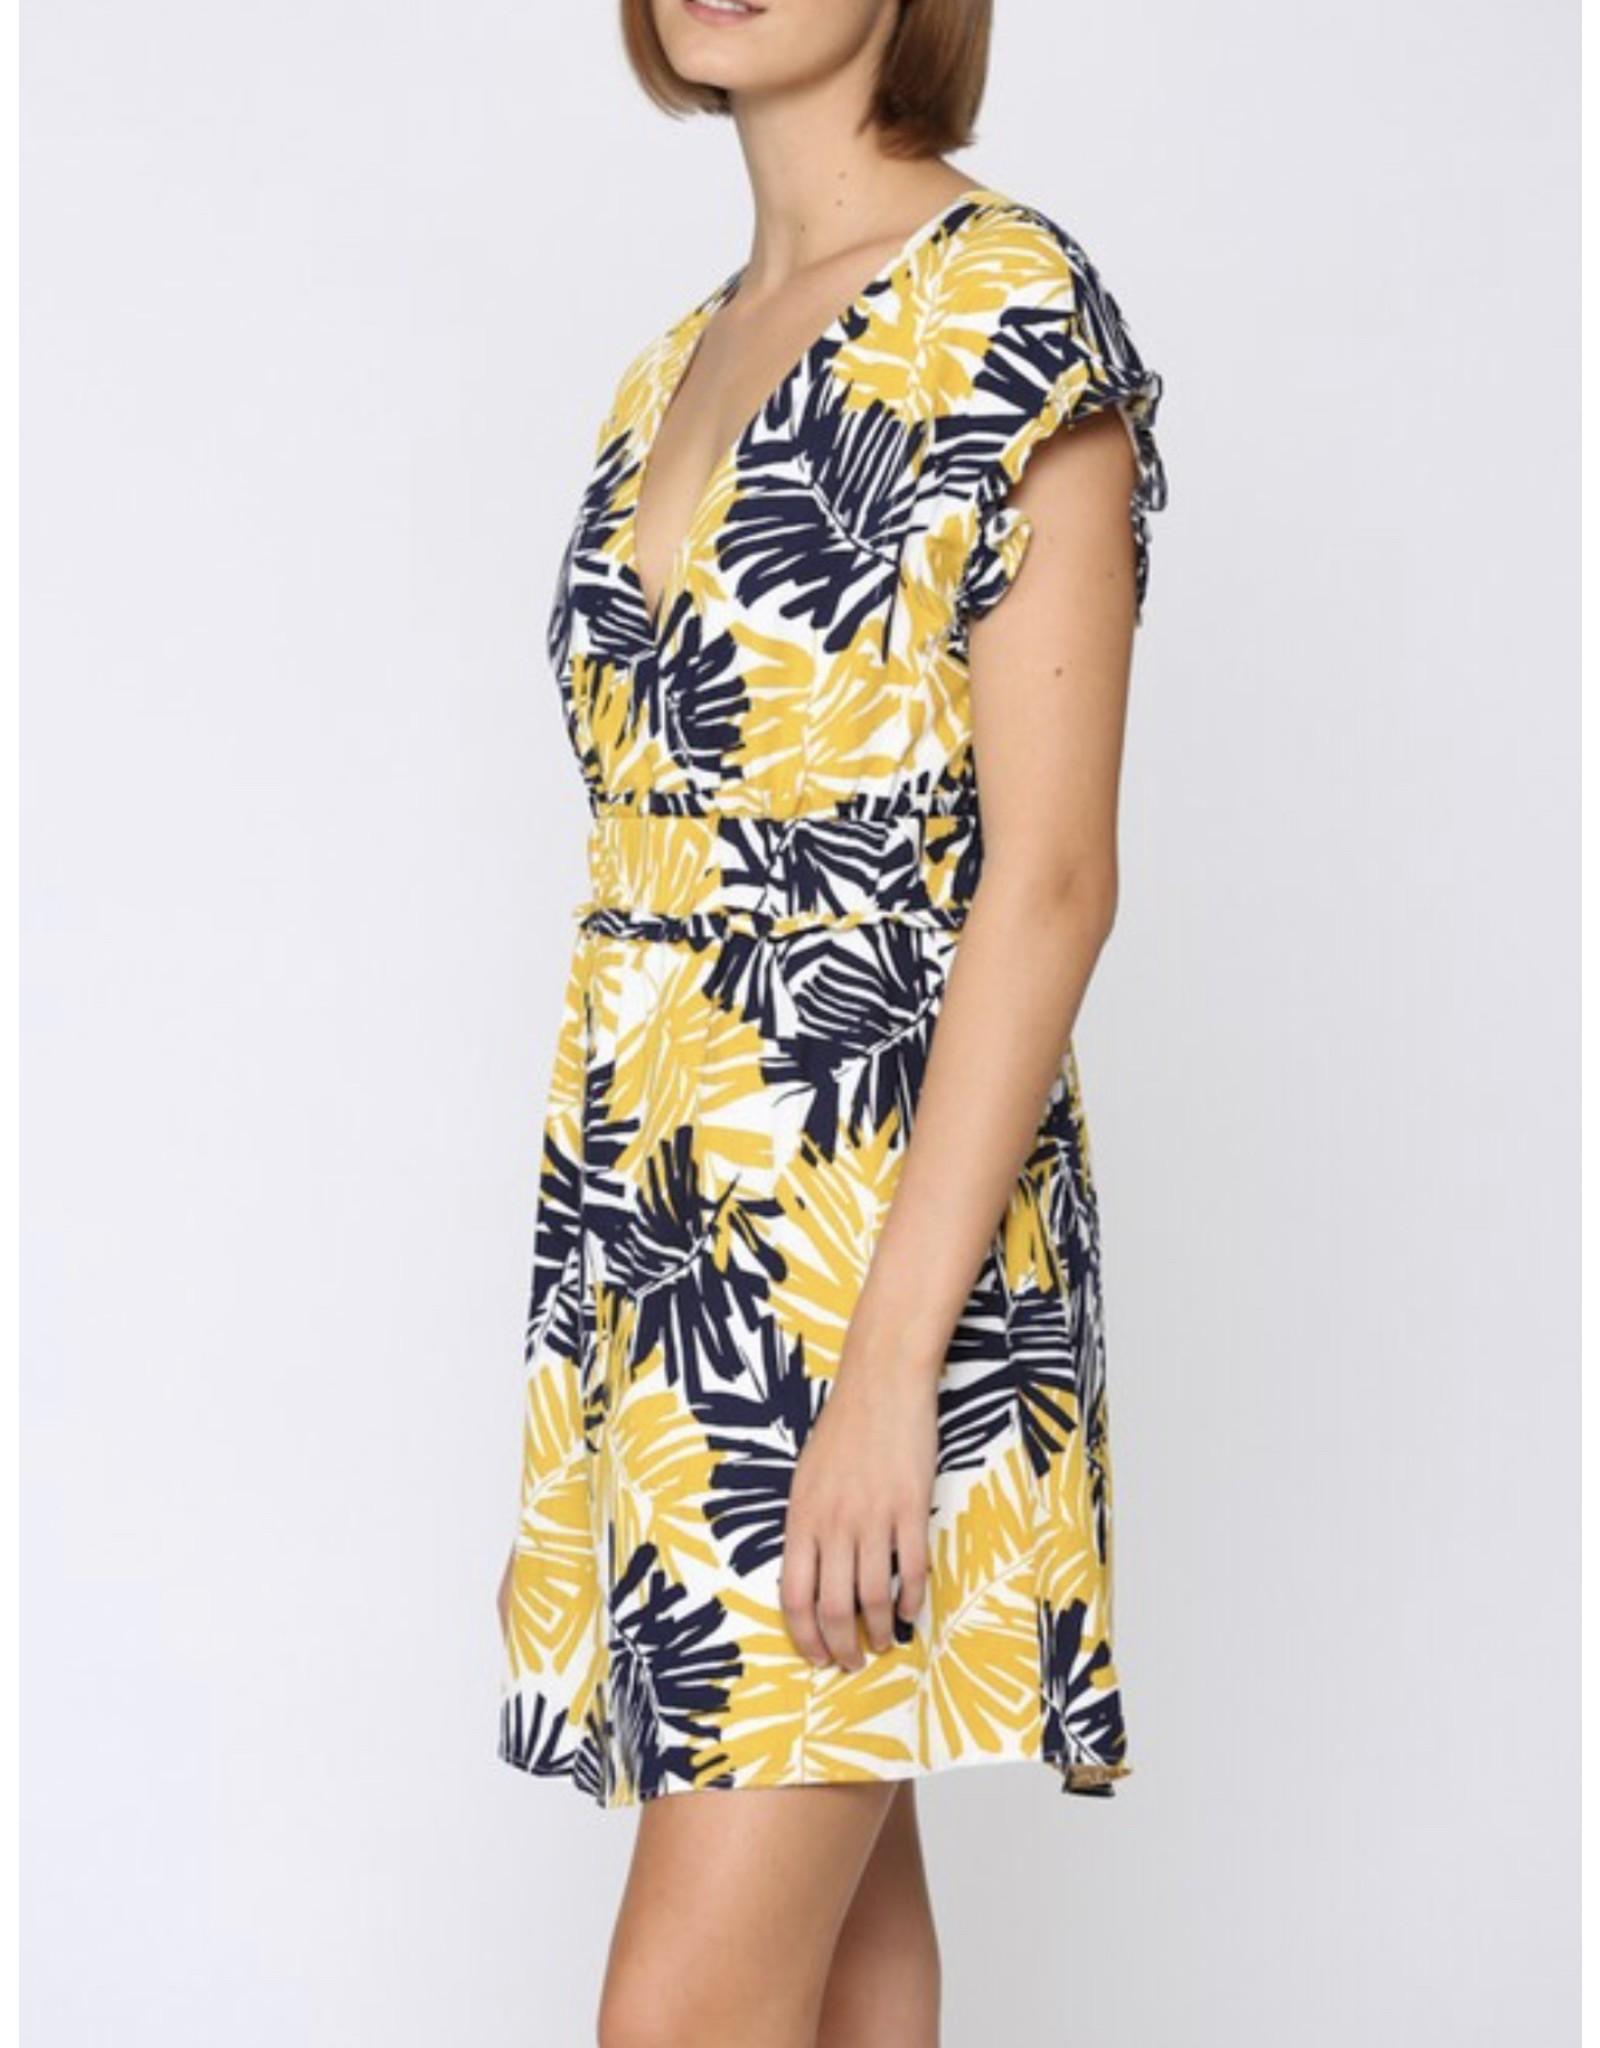 Tropical Linen Dress - Mustard/Navy